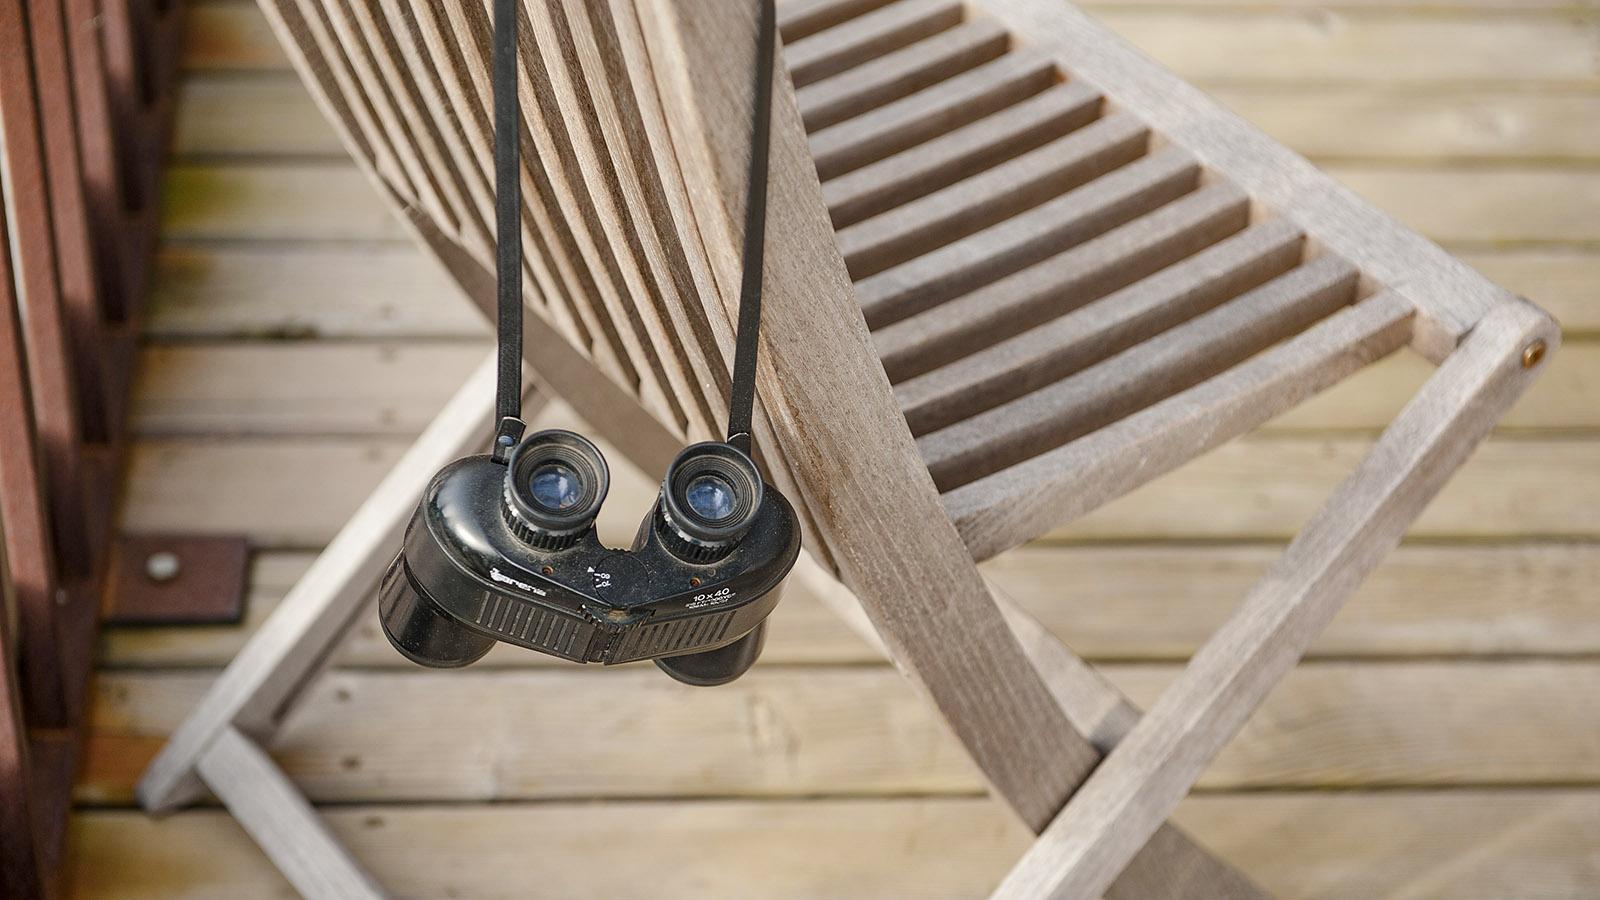 La Franqui: Ein Fernglas am Stuhl - es gibt immer etwas zu entdecken! Foto: Hilke Maunder